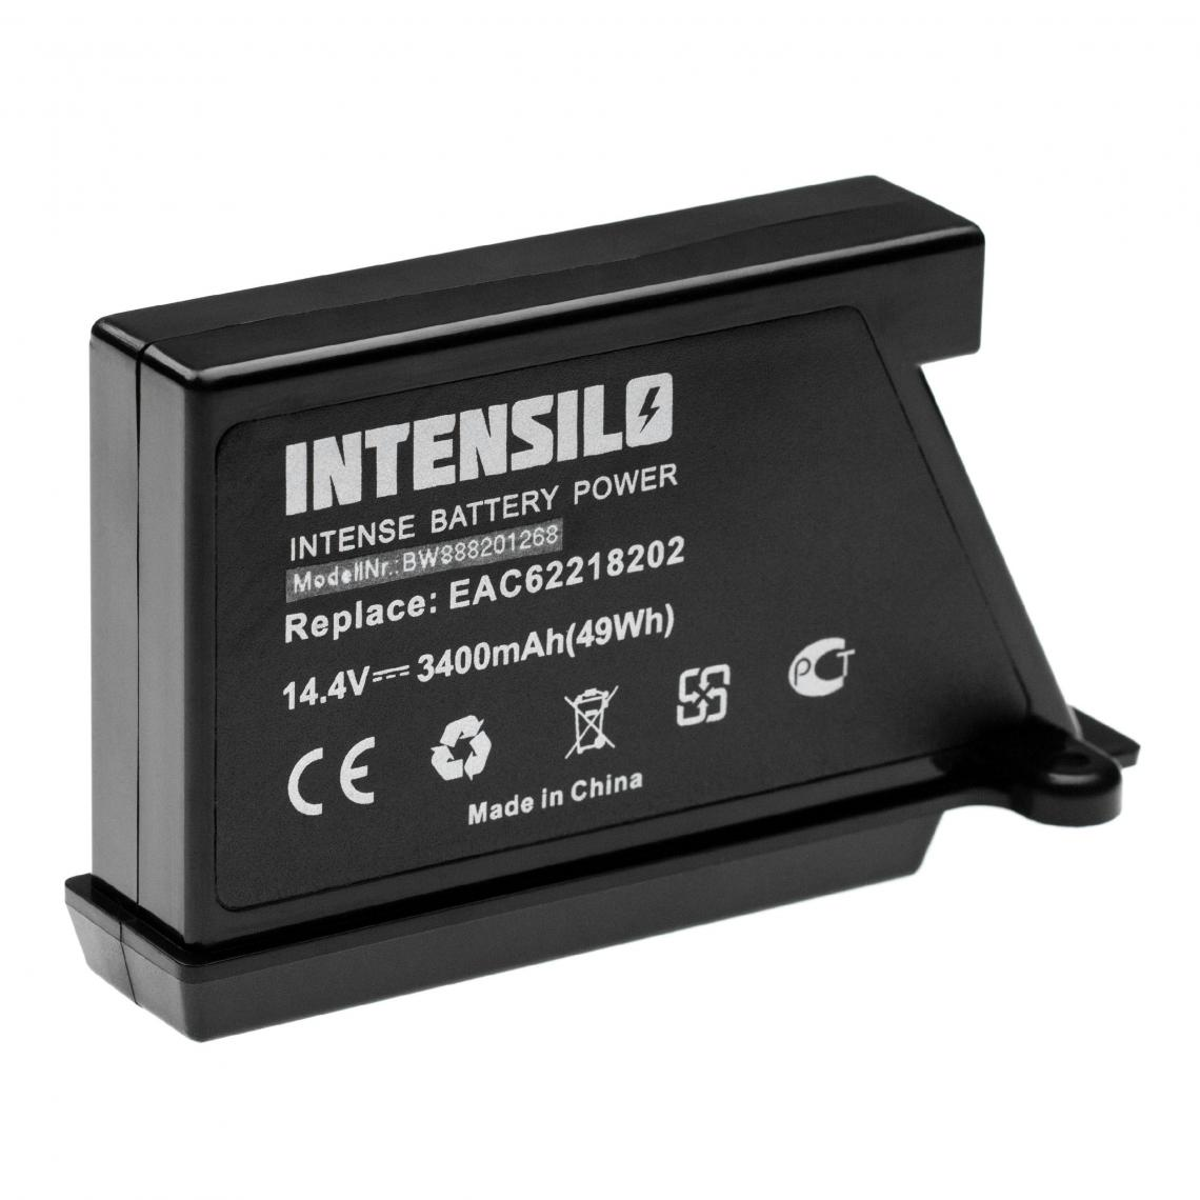 Vhbw INTENSILO Batterie compatible avec LG HOM-BOT VR66801VMIP, VR66802VMWP, VR66803VMNP robot électroménager (3400mAh, 14,4V